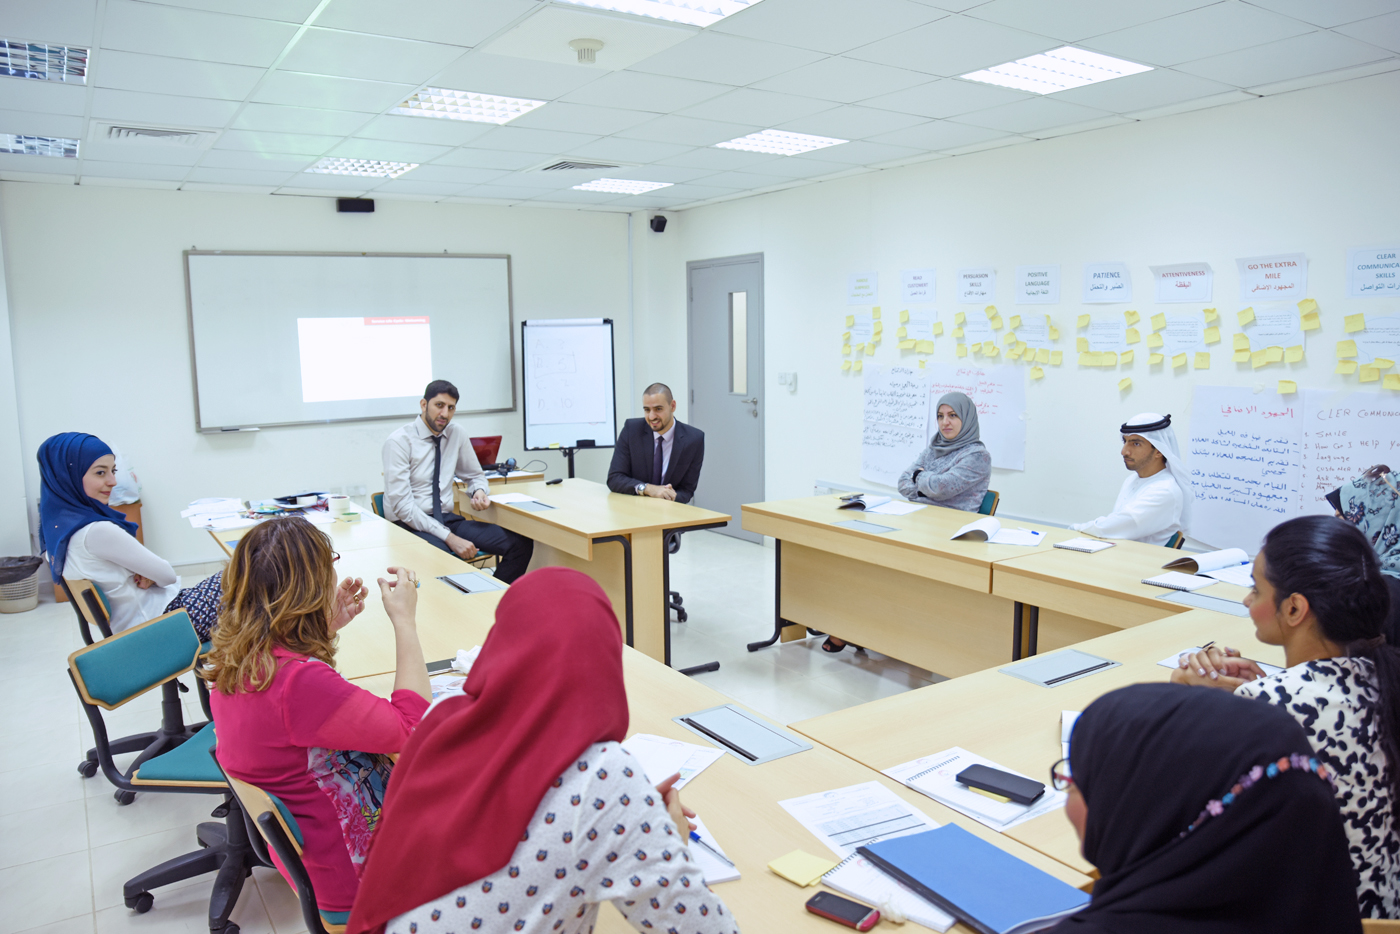 aau organized a workshop entitled customer service skills al aau organized a workshop entitled customer service skills